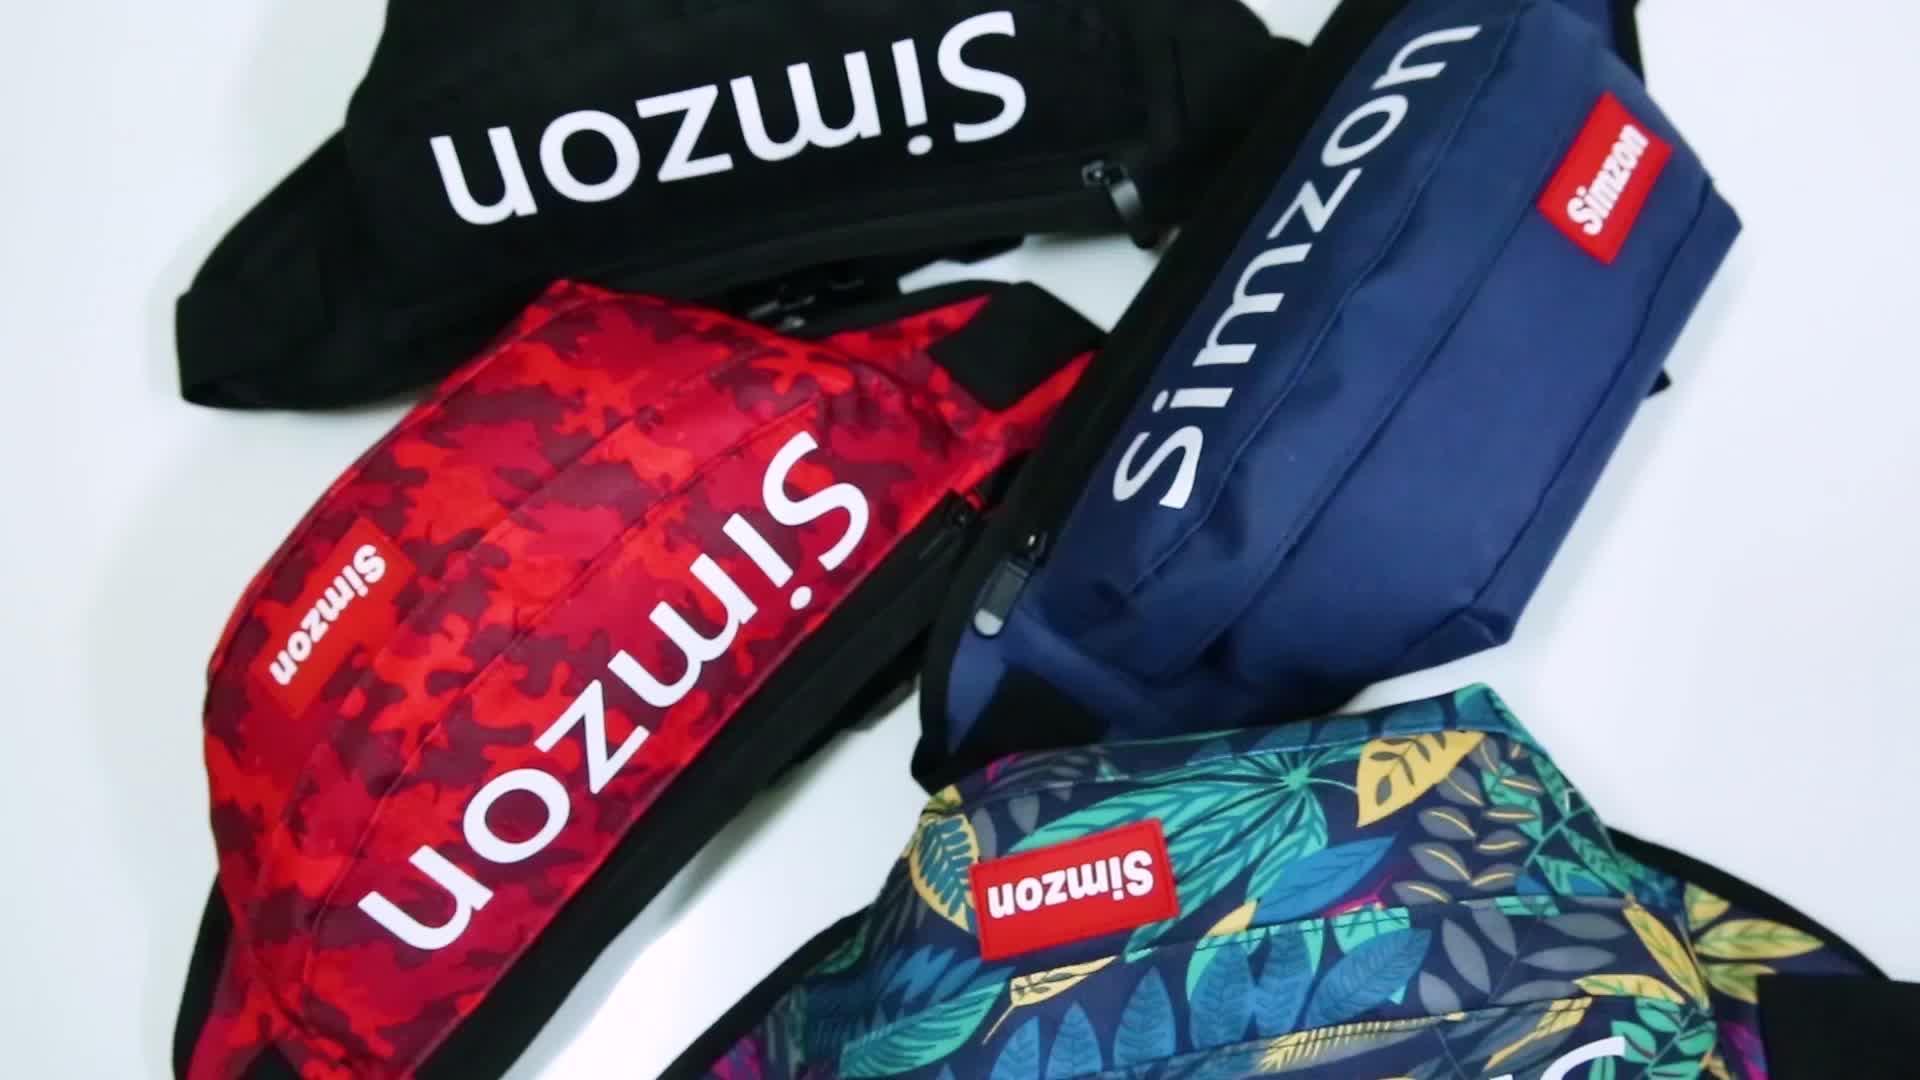 आउटडोर खेल निविड़ अंधकार शुष्क बेल्ट छाती बैग पुरुषों बच्चों के लिए मजेदार पैक महिला फैशन कमर बैग महिलाओं पिछाड़ी पैक